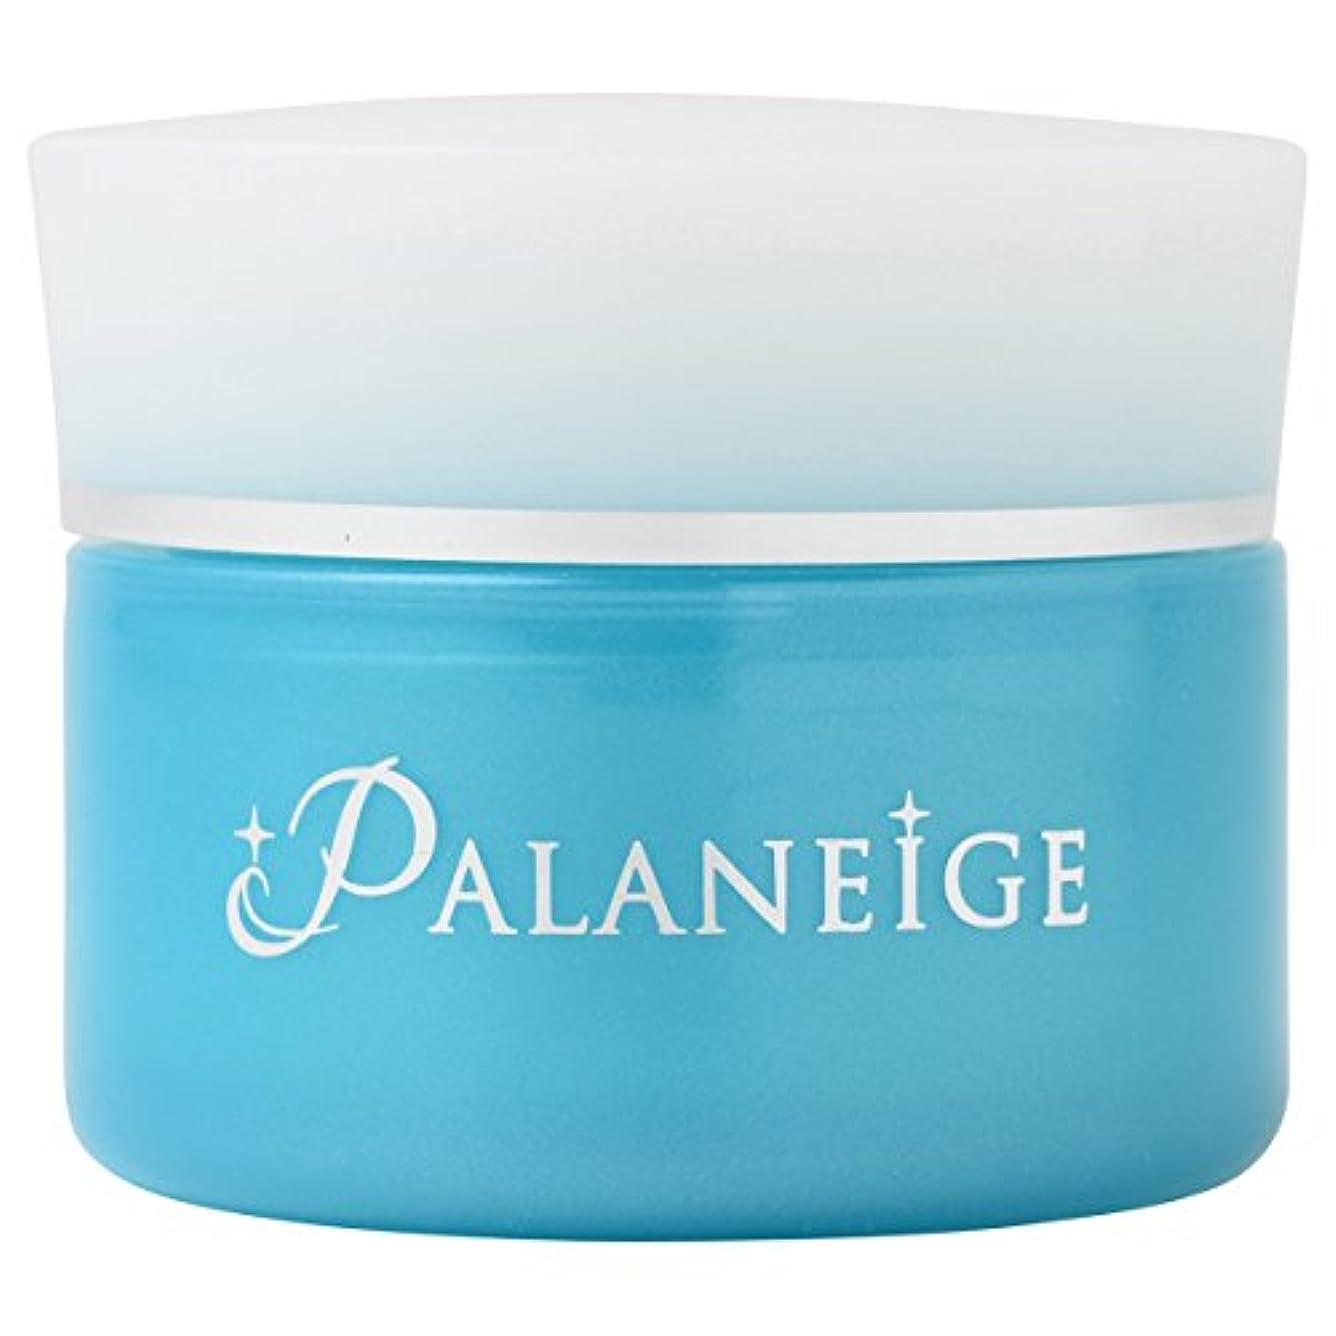 なんでも花火土砂降りパラネージュ ( Palaneige ) アルブチンの8倍の美白効果とプラセンタの250倍の美白有効成分があるパラオの白泥を利用した クレイパック